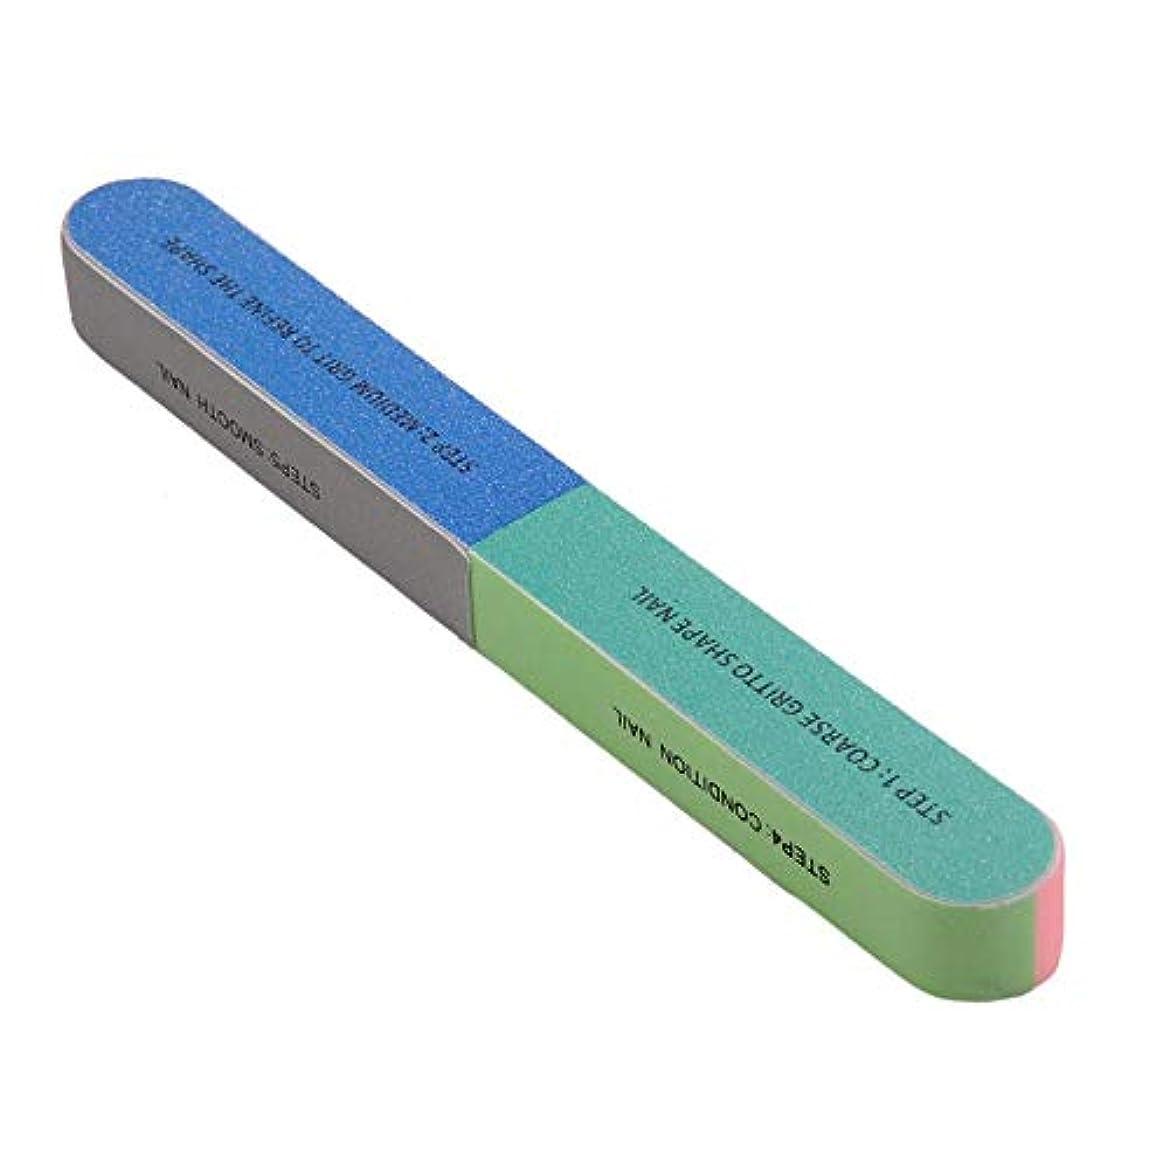 SILUN 爪やすり多面も使える 爪ヤスリ プロのネイルツール 多機能 ネイルファイル ユニセックス 爪磨きネイルファイル